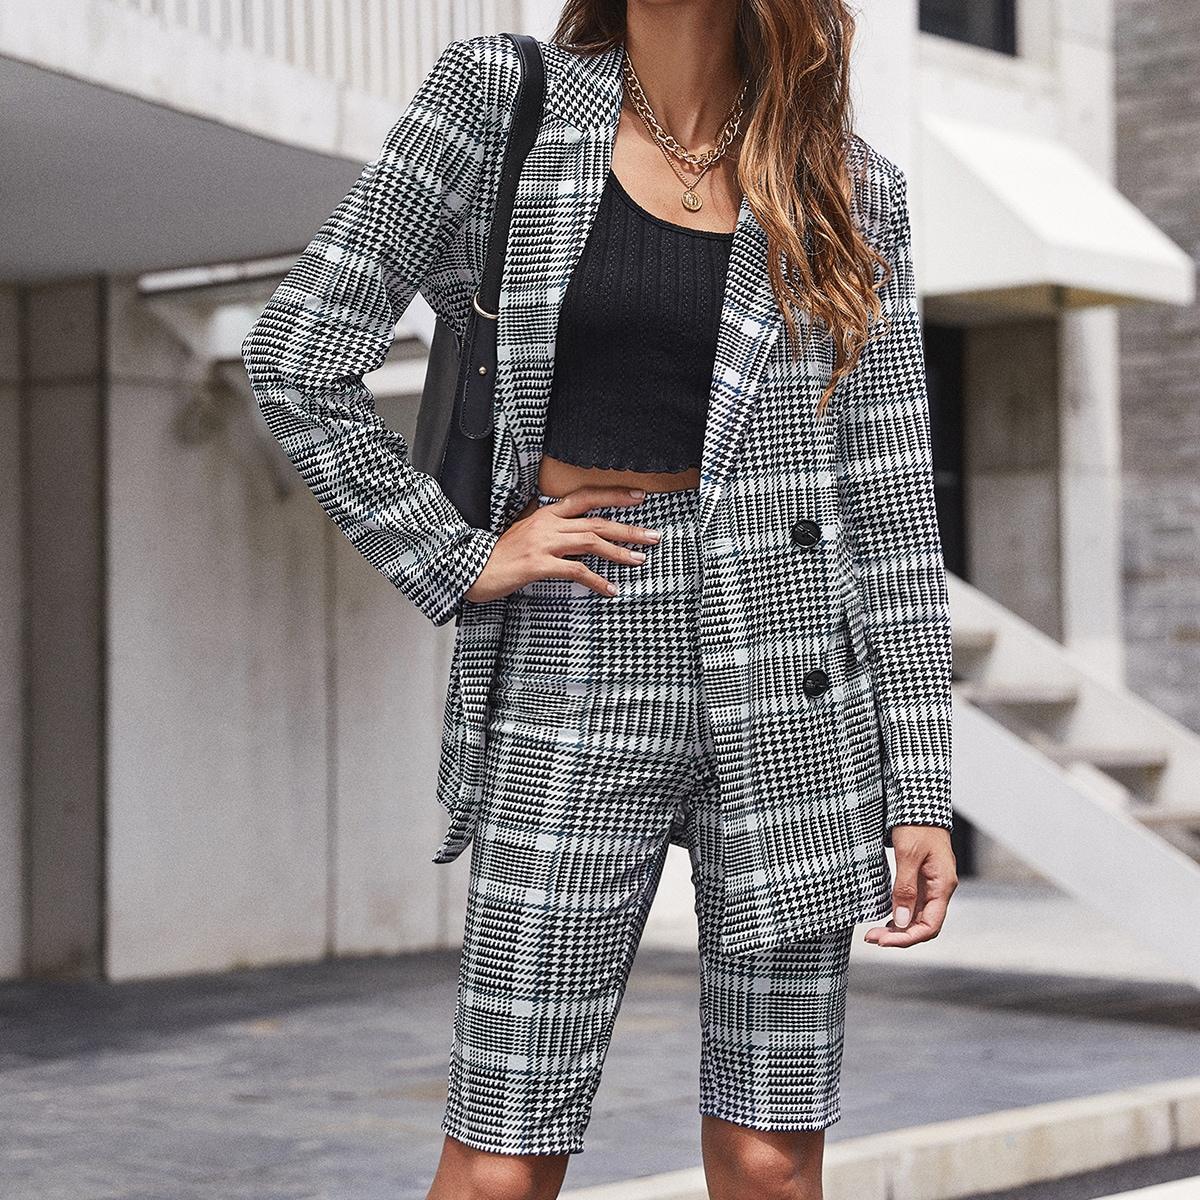 Двубортный пиджак и шорты с узором хаундстута